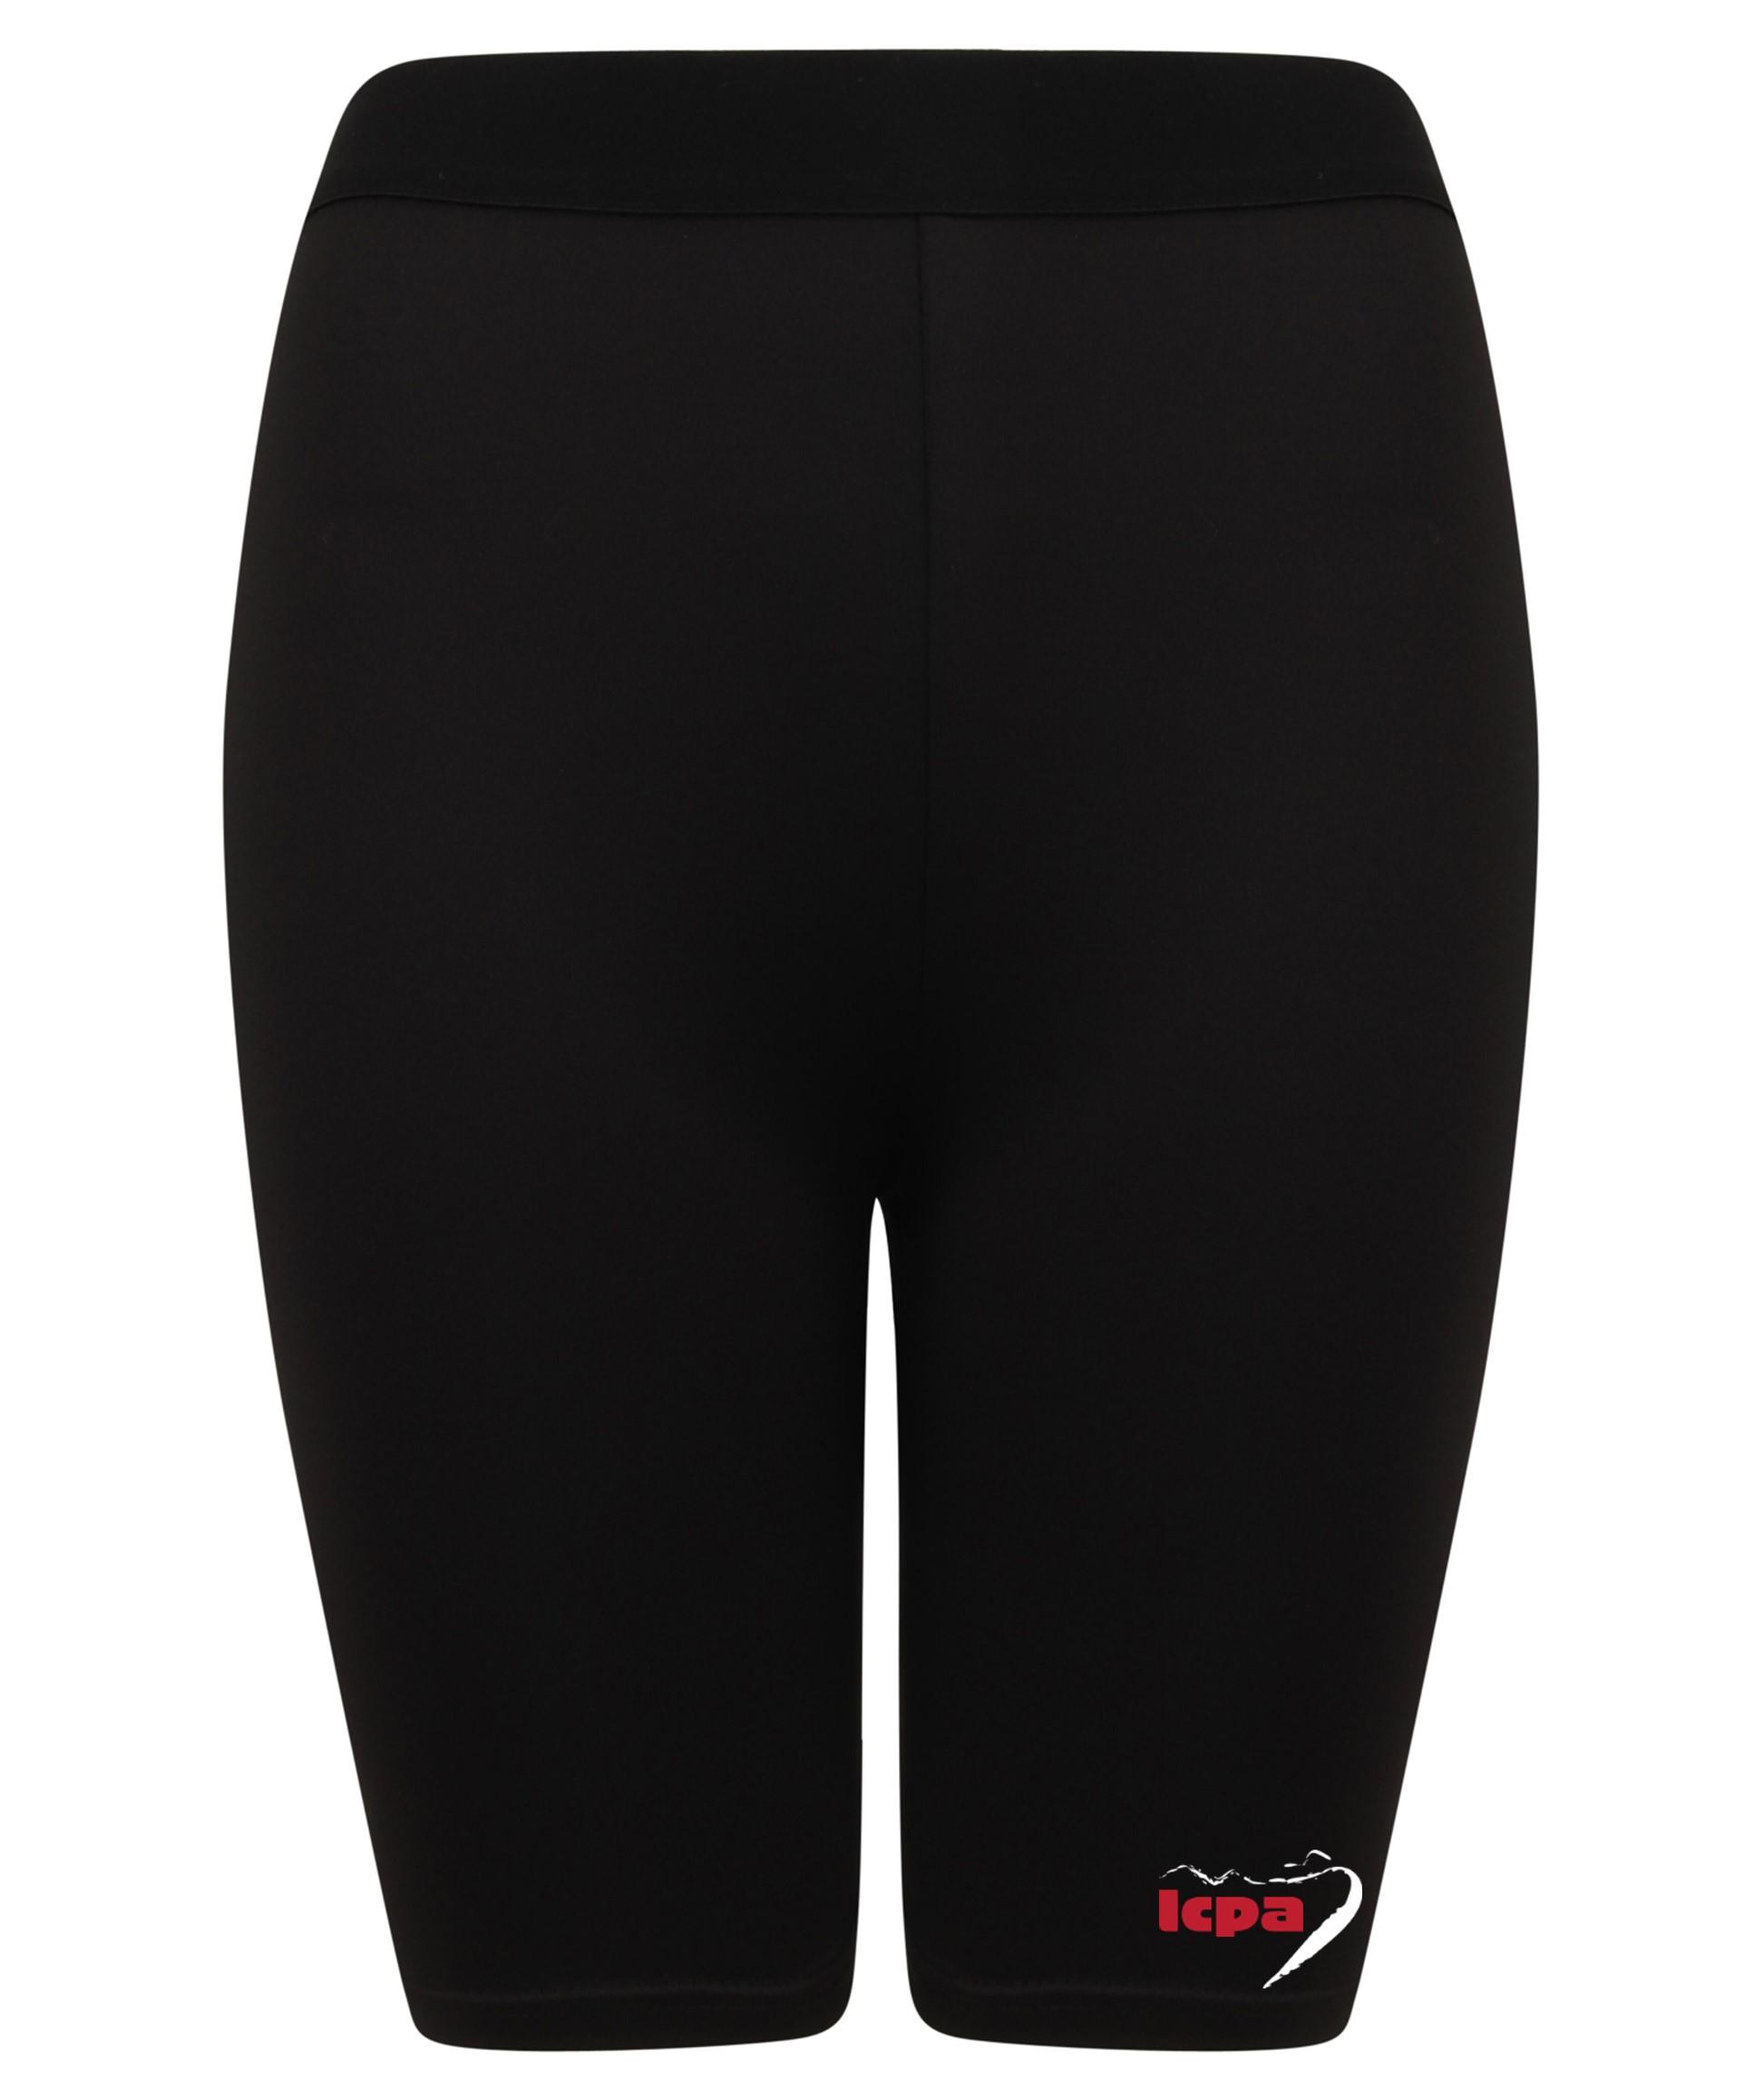 LCPA-013 Women's fashion cycling shorts